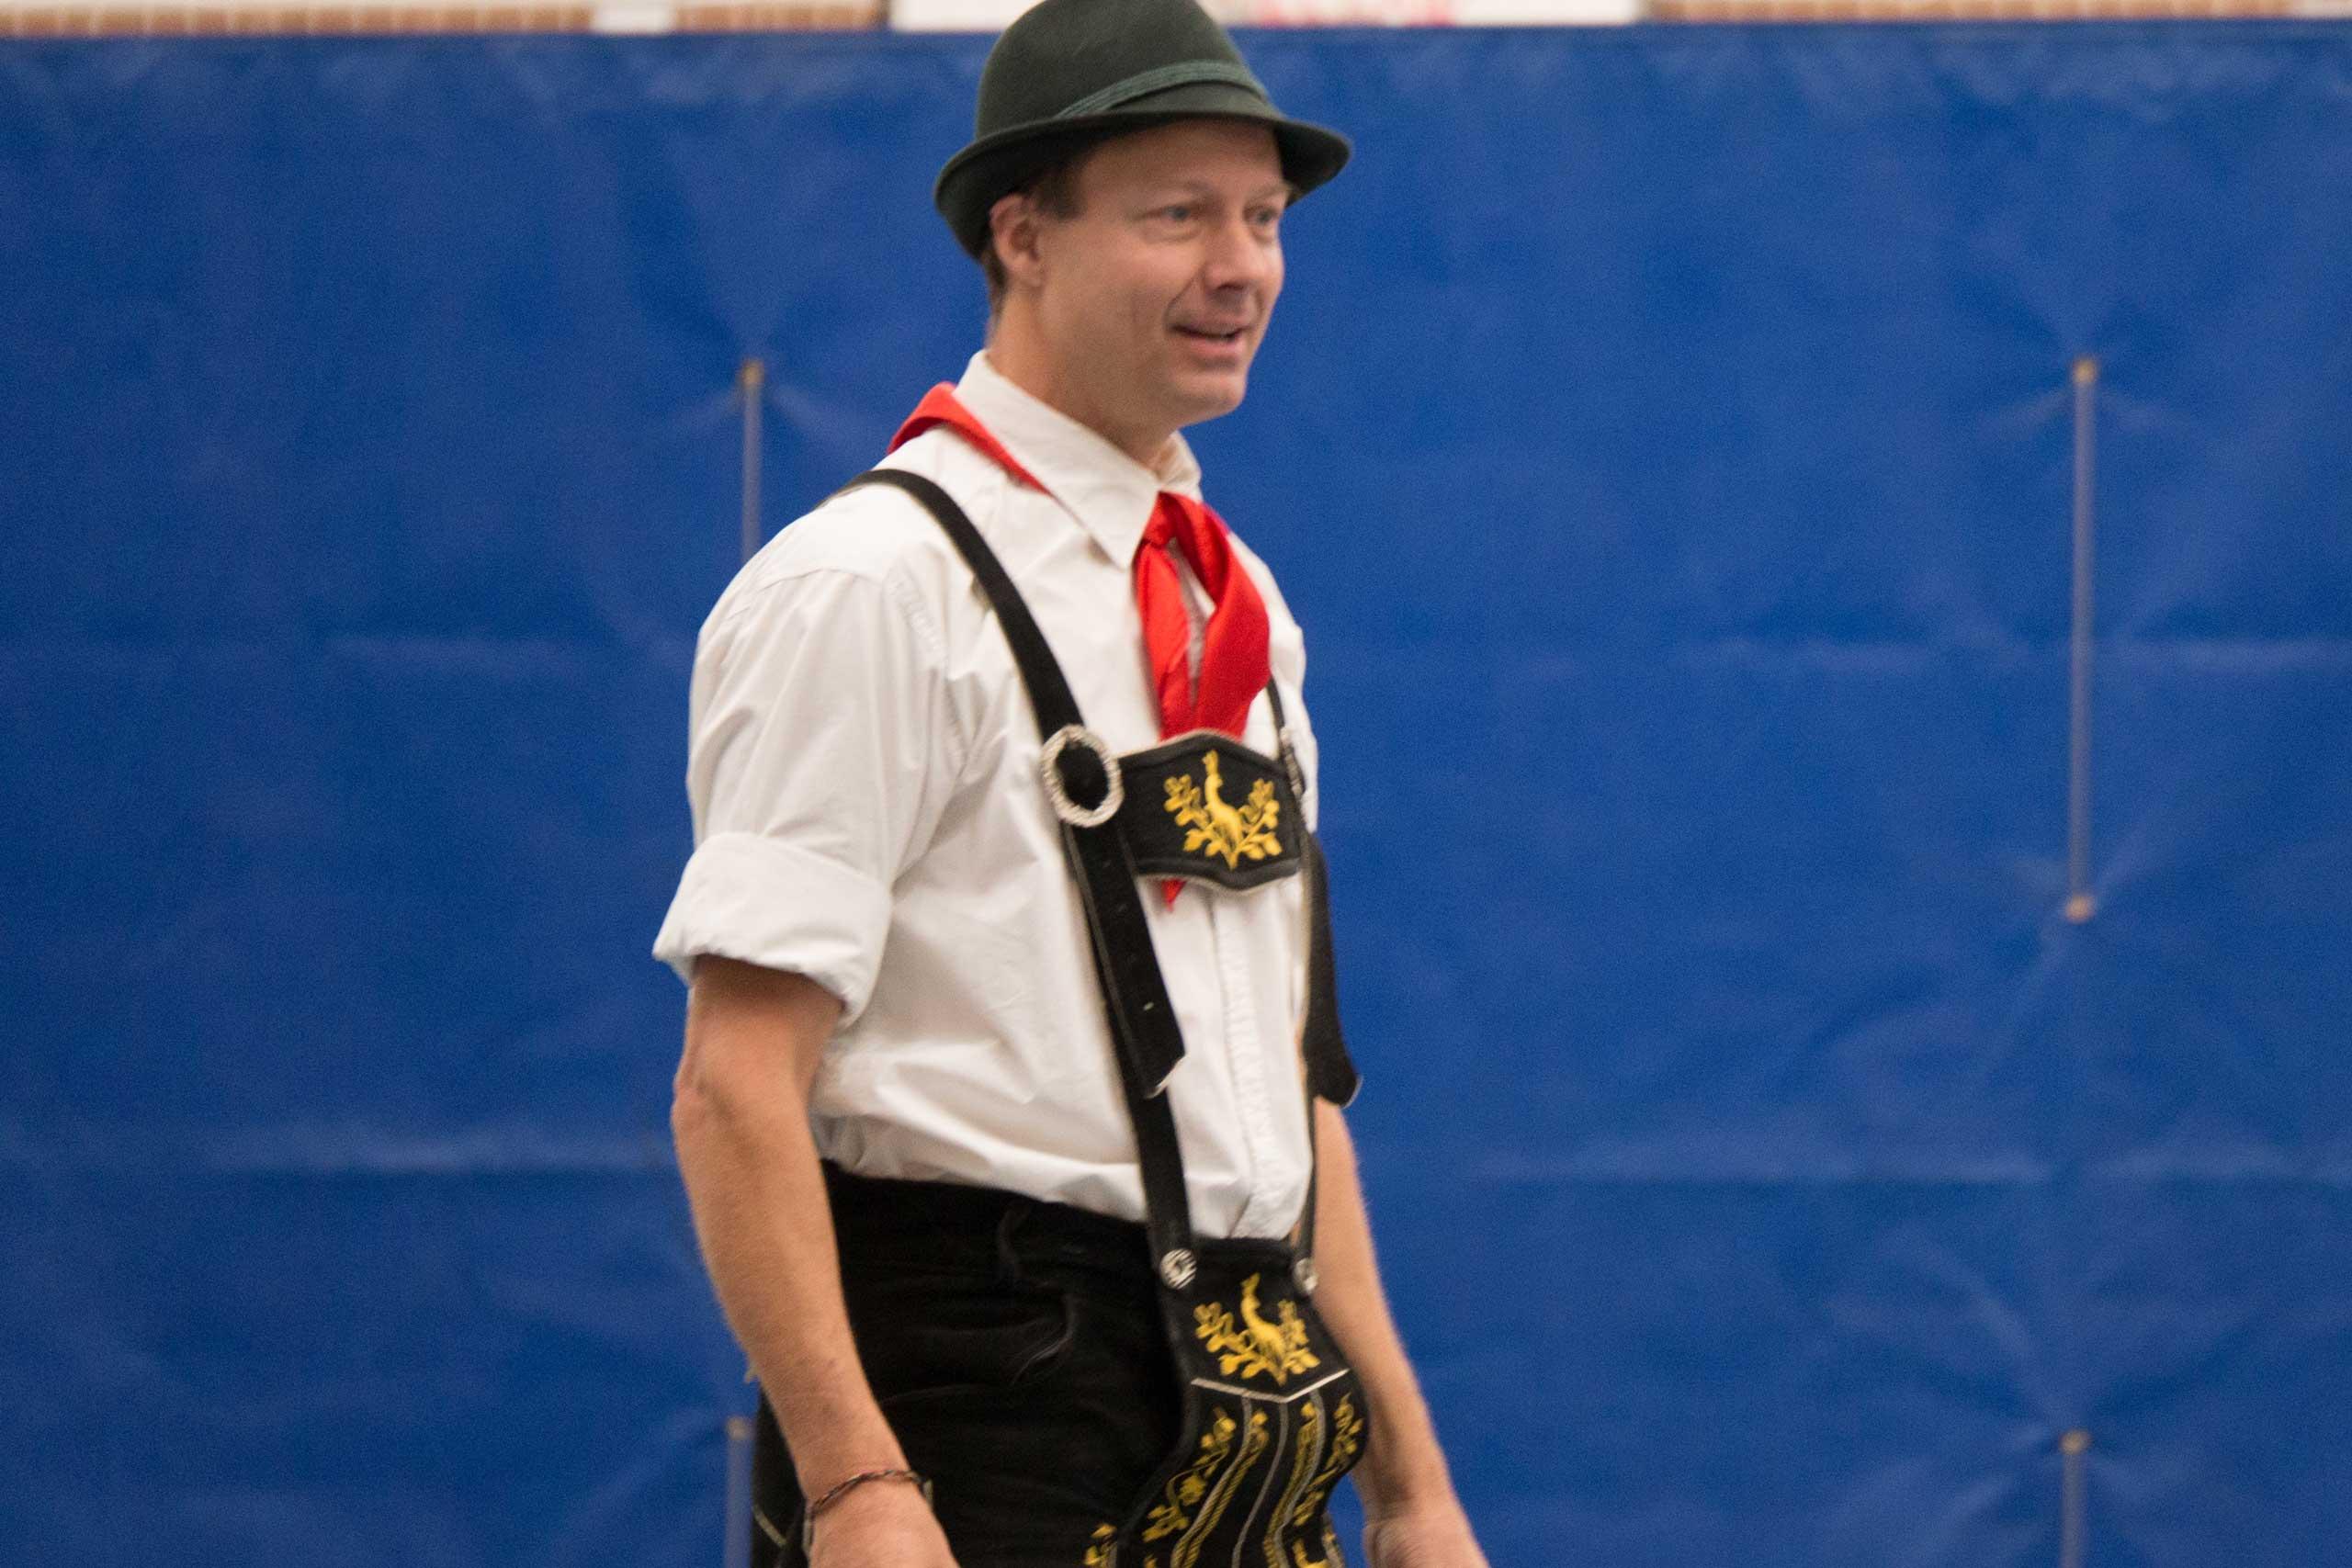 Year 6 German Dance teacher